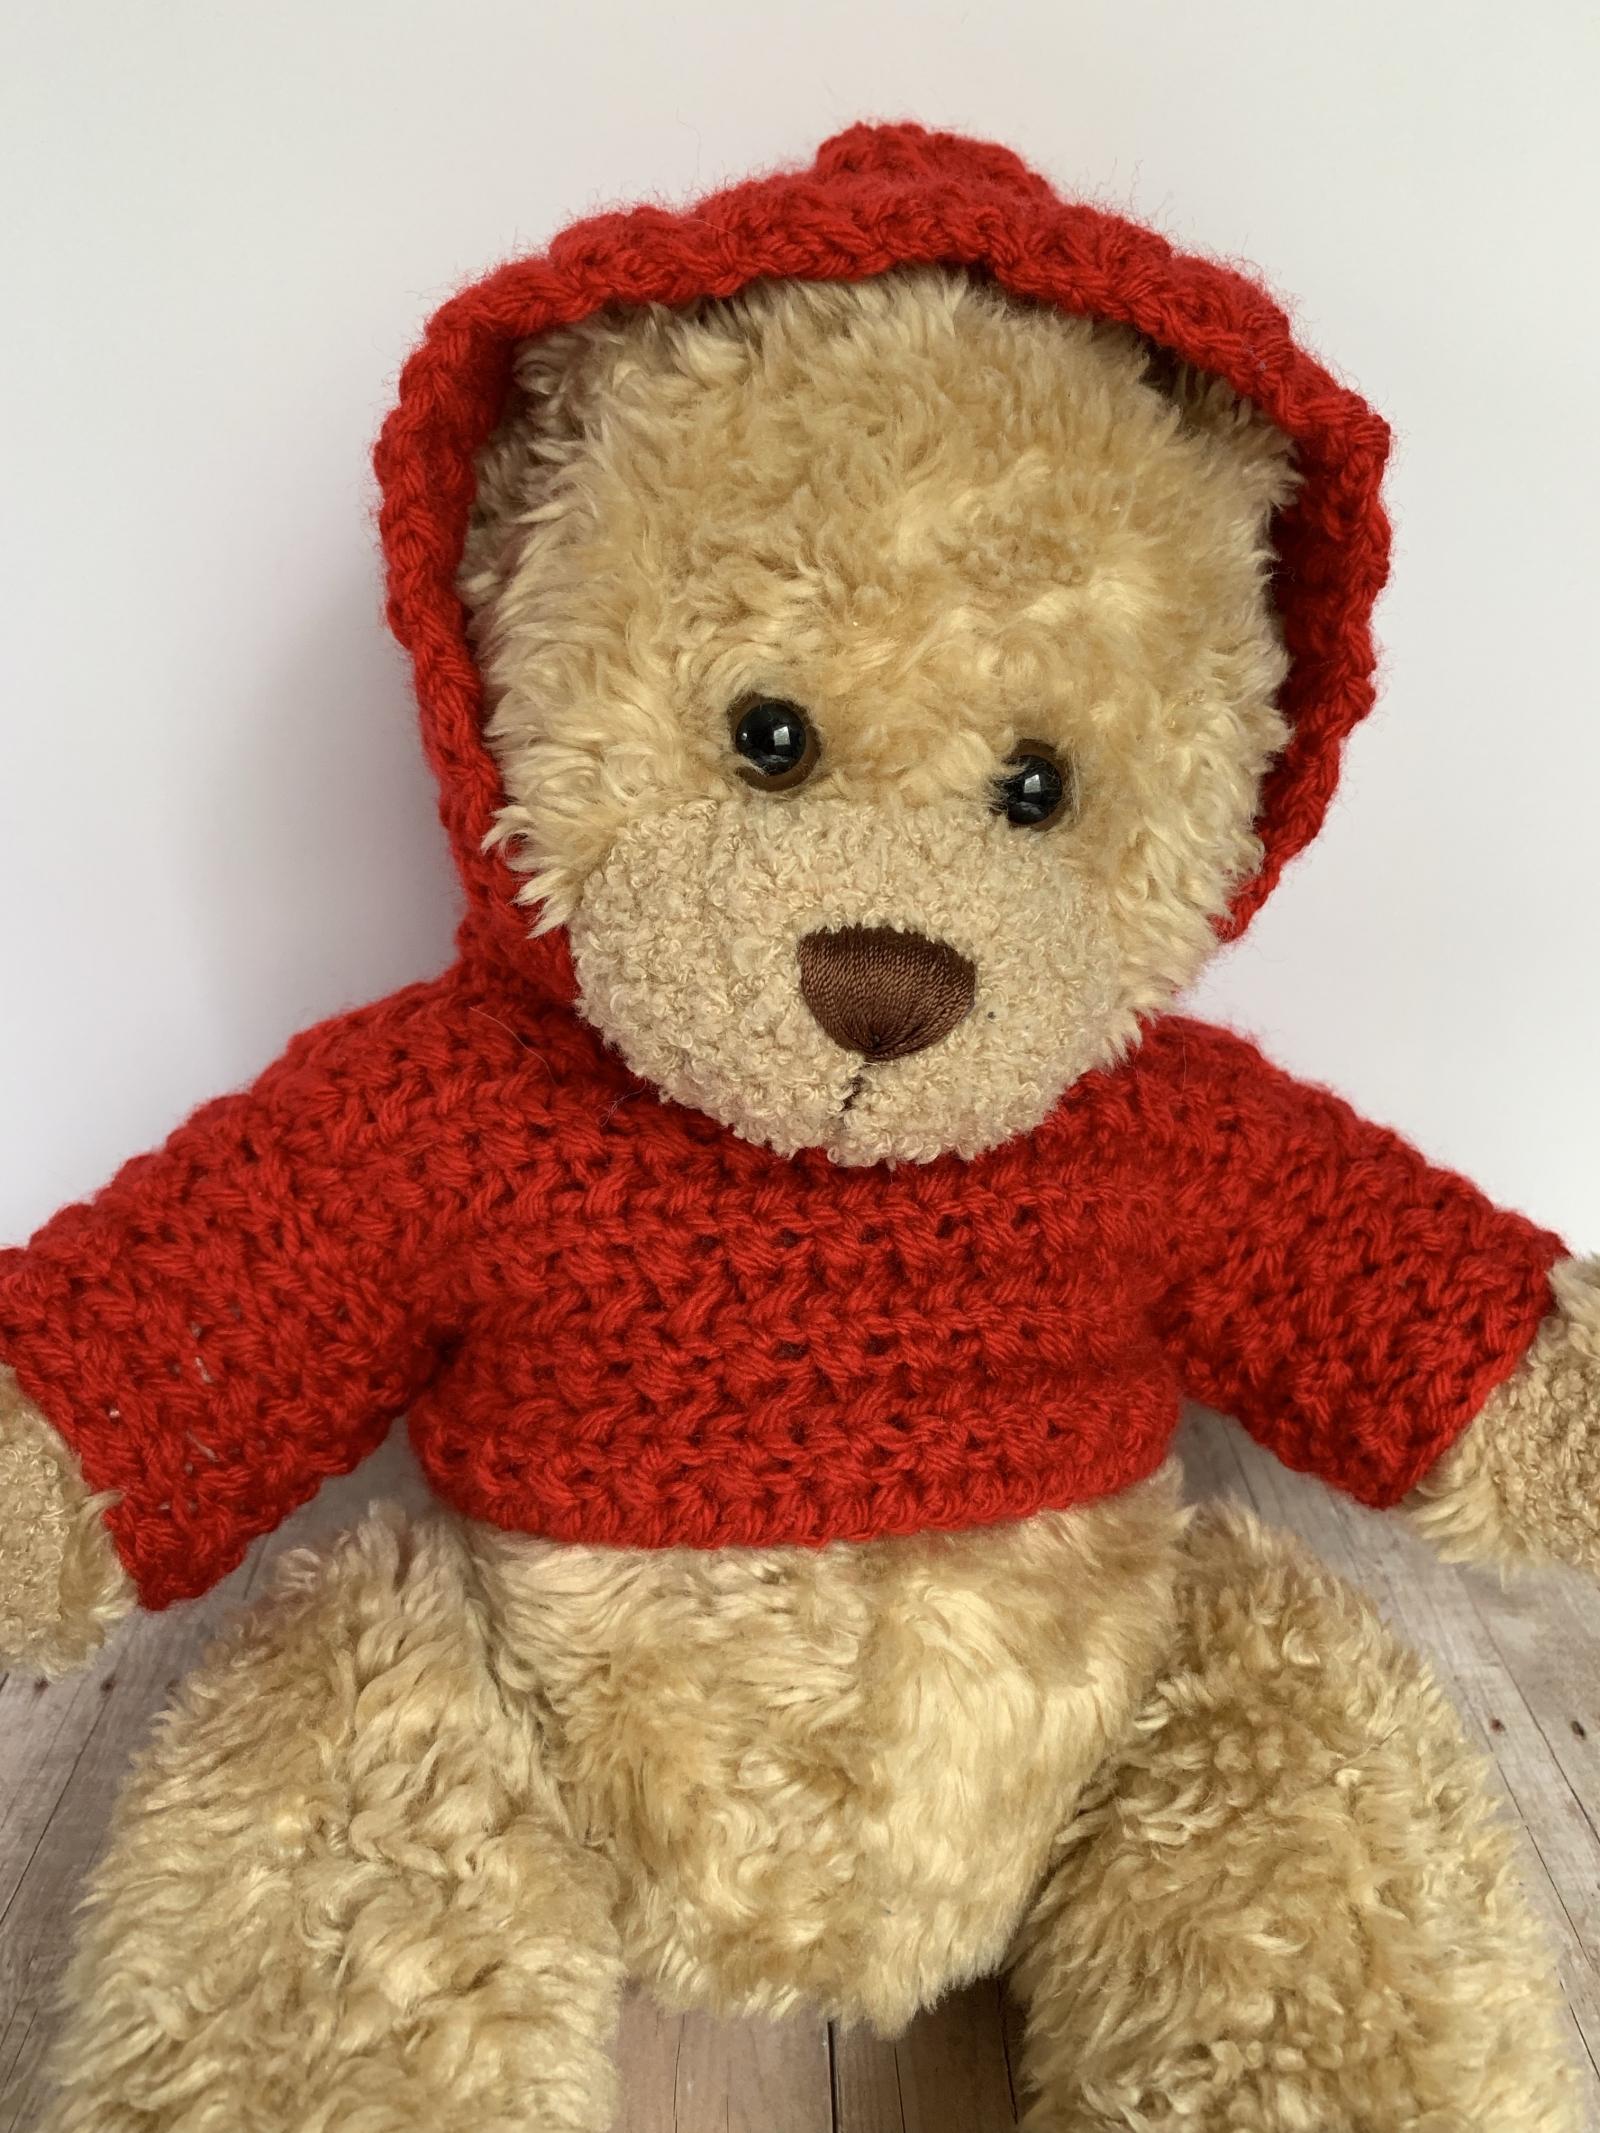 Amigurumi Teddy Bear in a Sweater Free Crochet Pattern ...   2133x1600